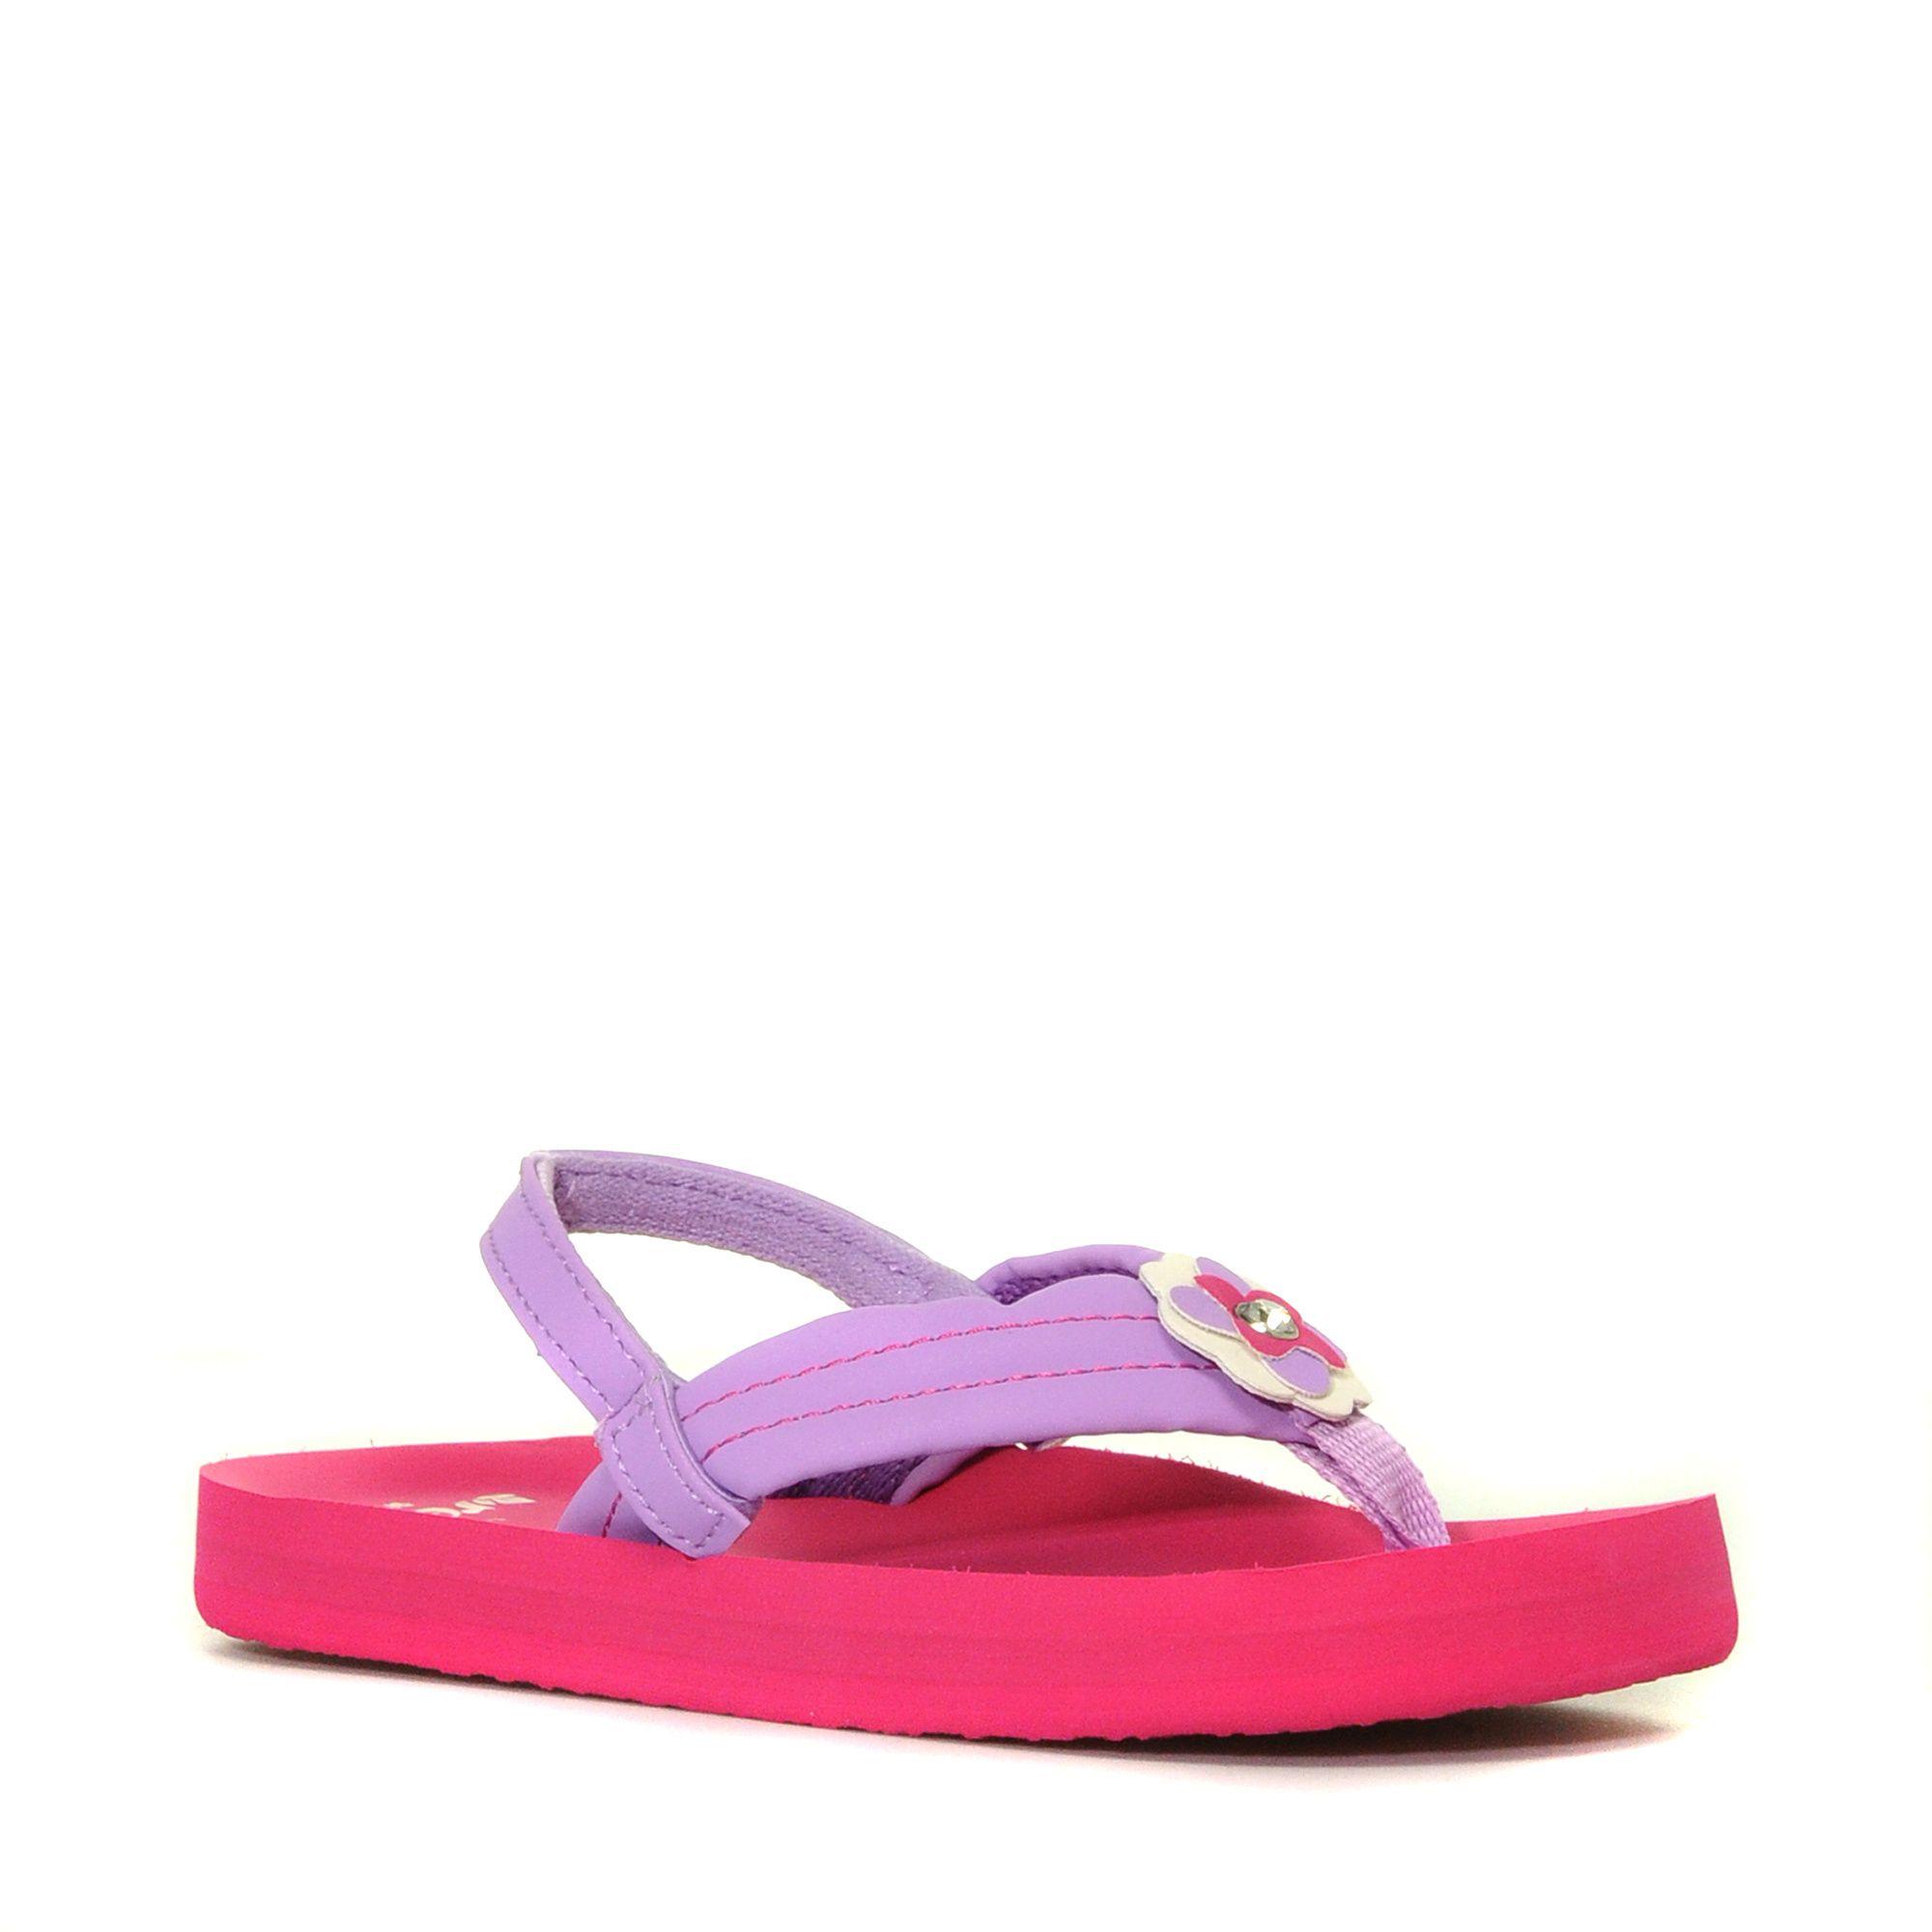 REEF Kids' Little Ahi Sandal